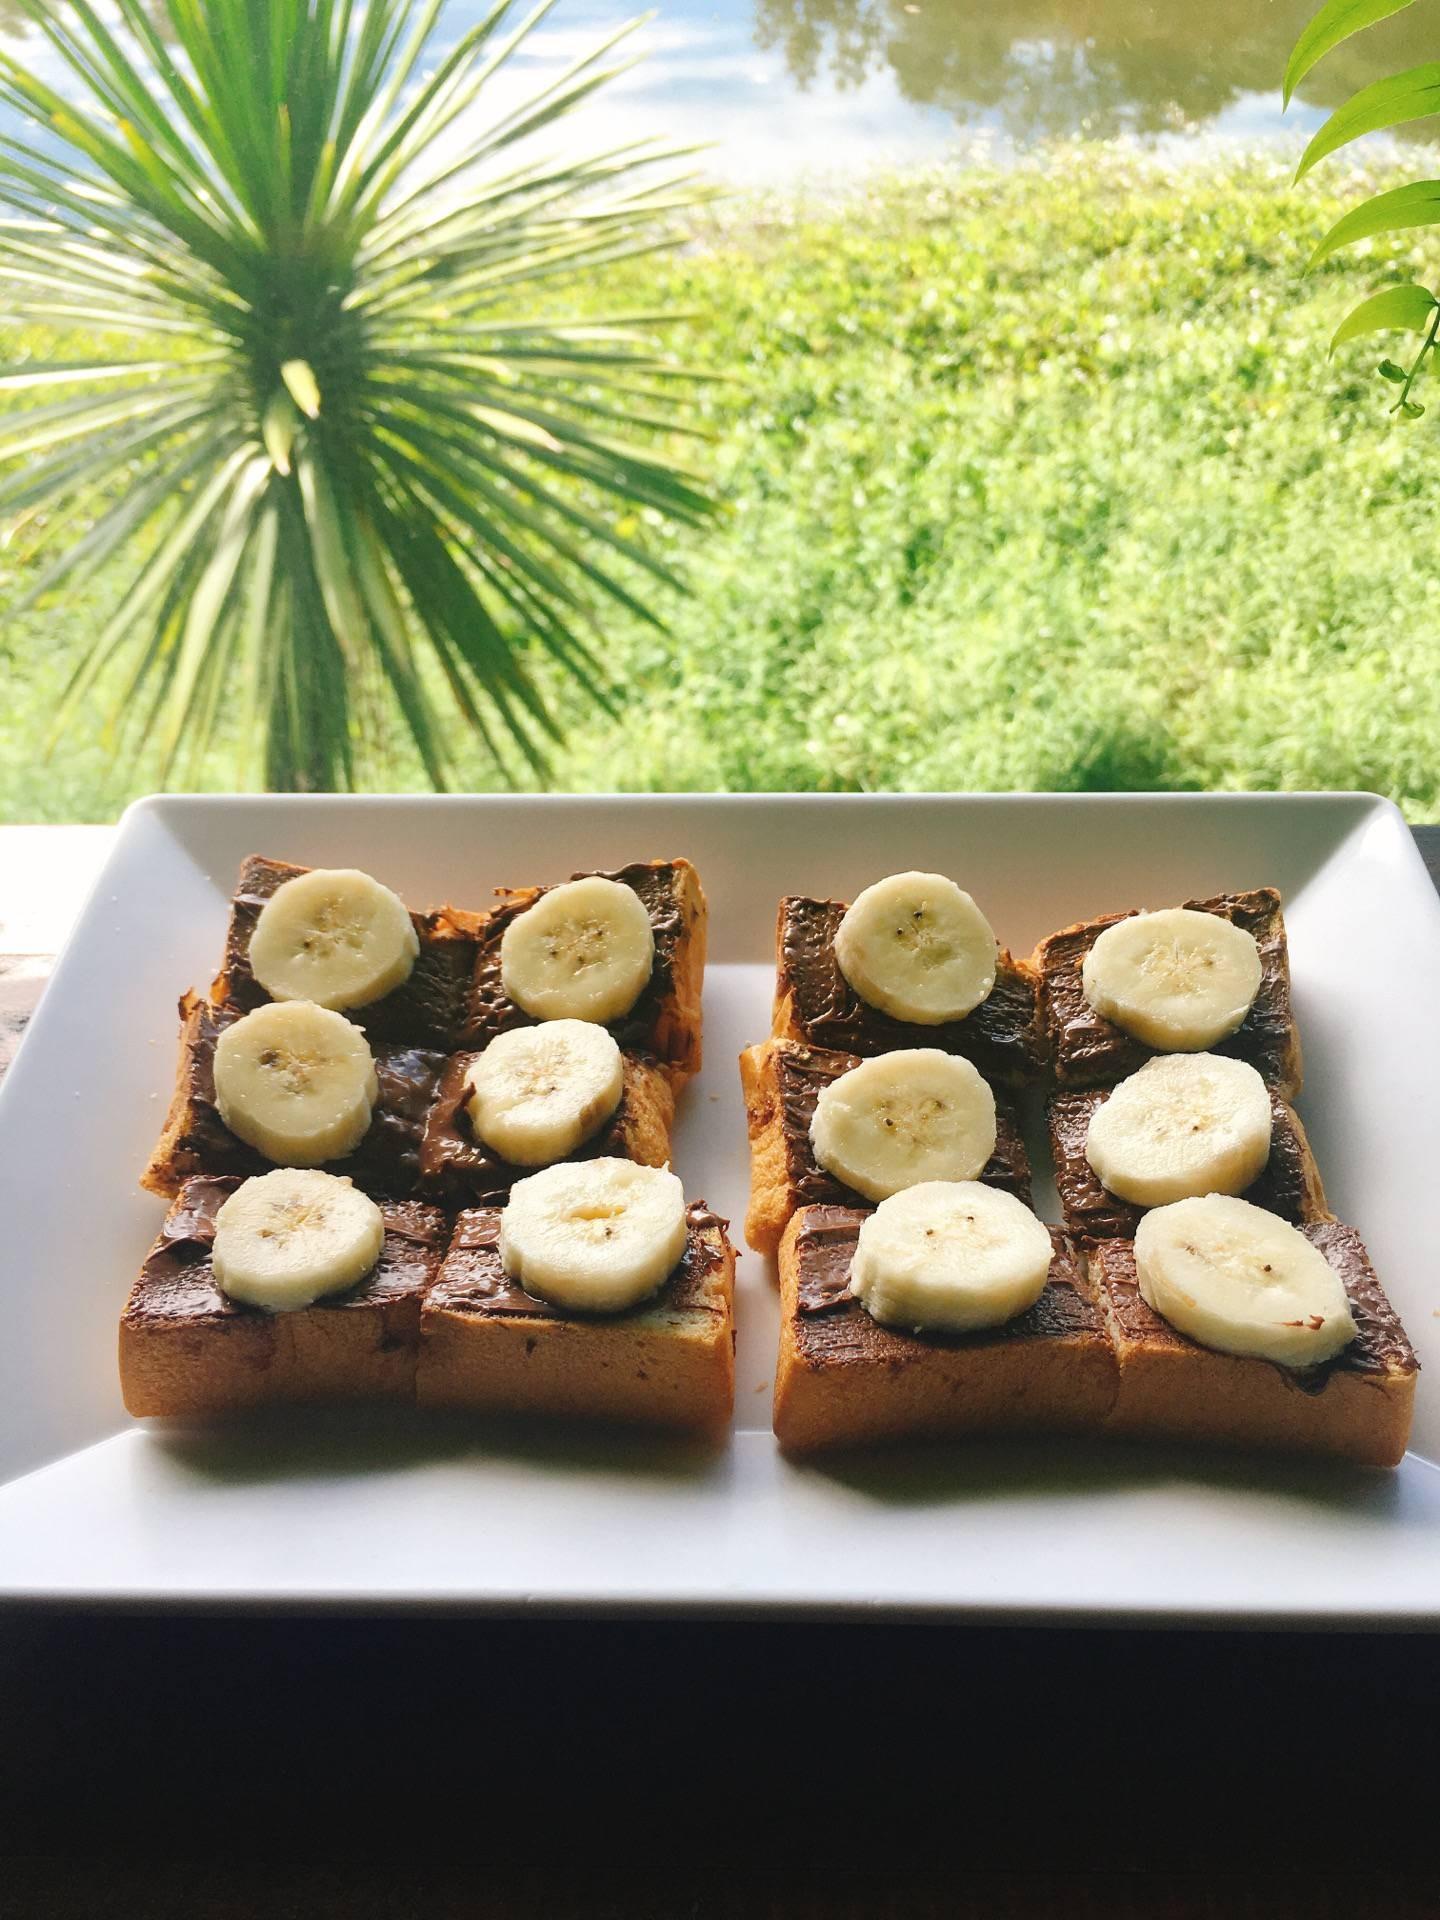 ขนมปังปิ้ง นูเทลล่า+กล้วย